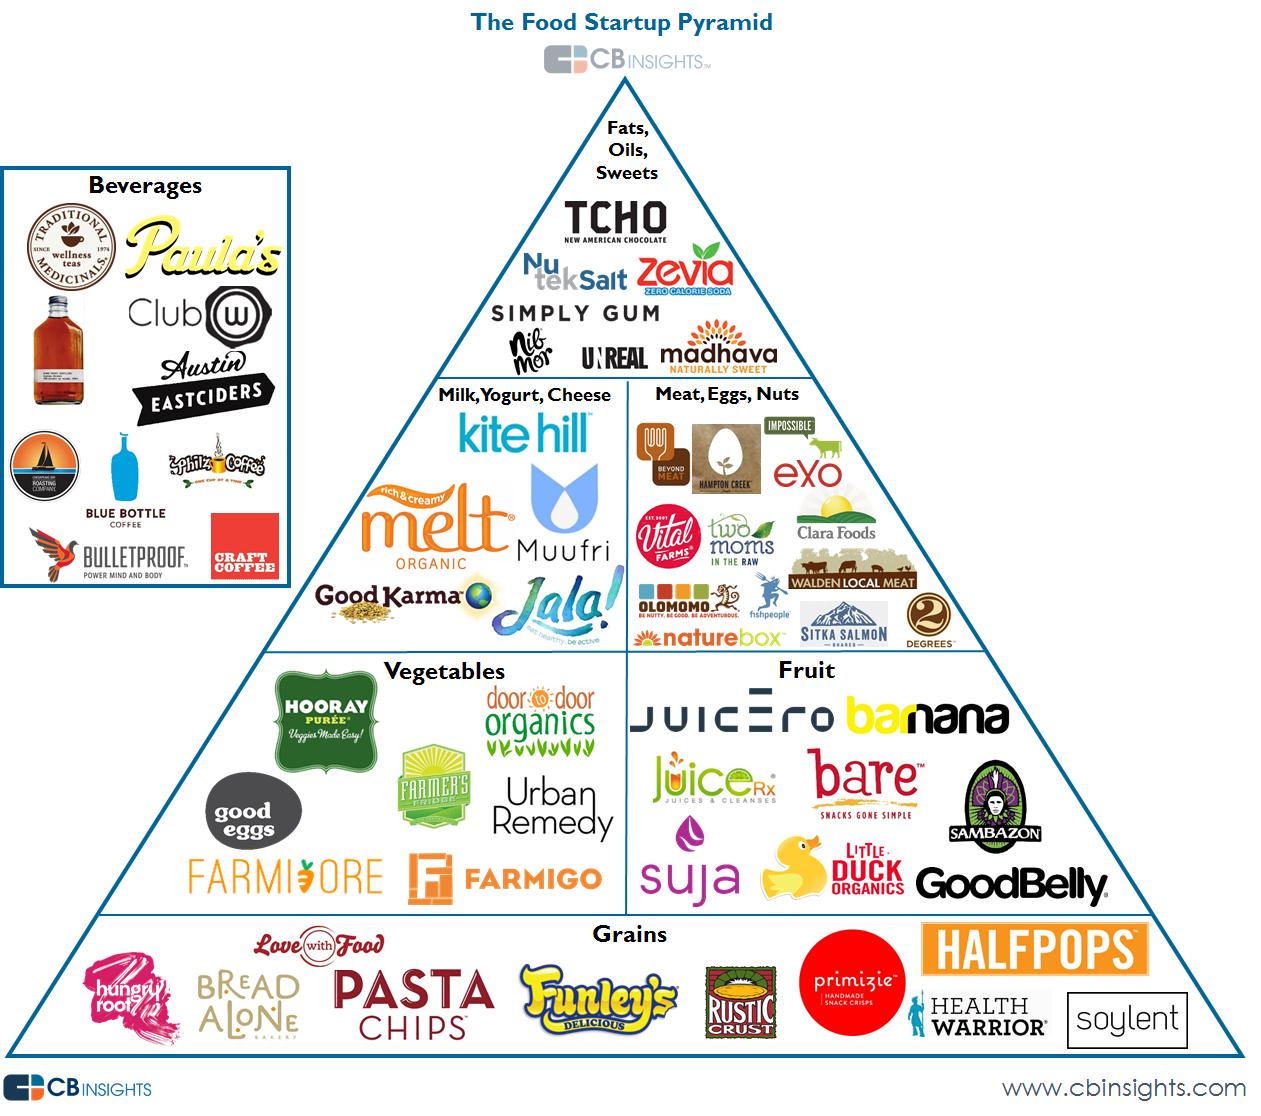 CBI food startup pyramid v5